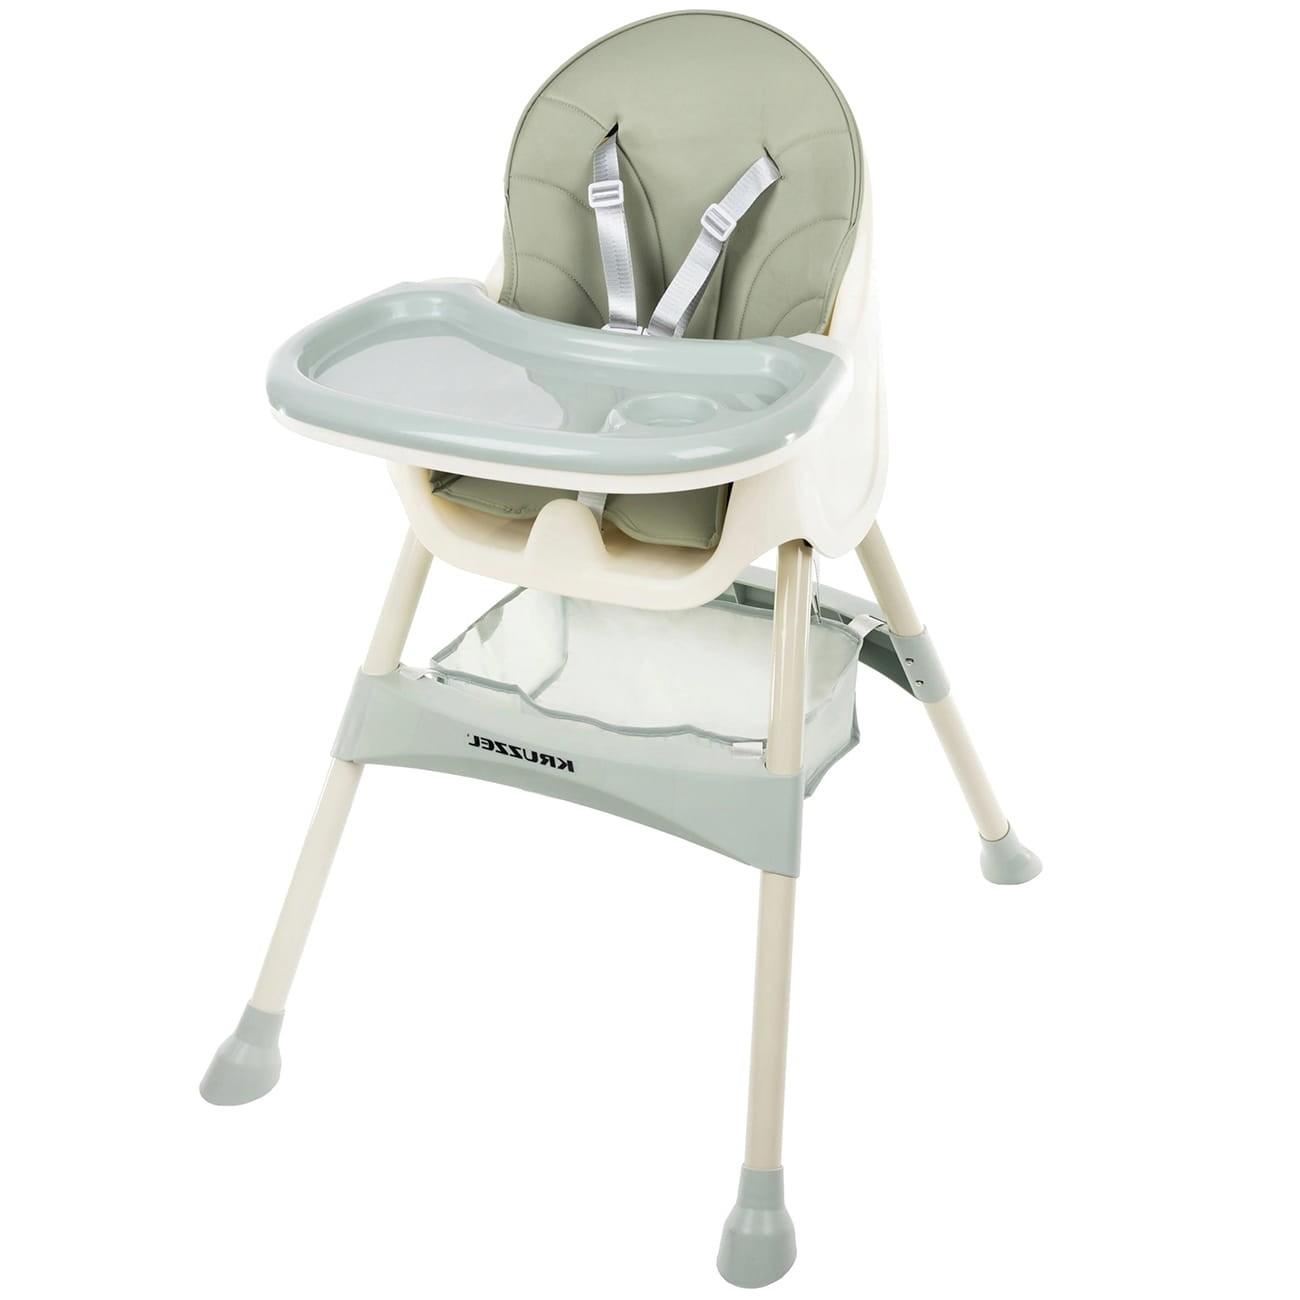 Vysoká židle pro krmení dítěte, nastavitelný podnos, zelené sedadlo